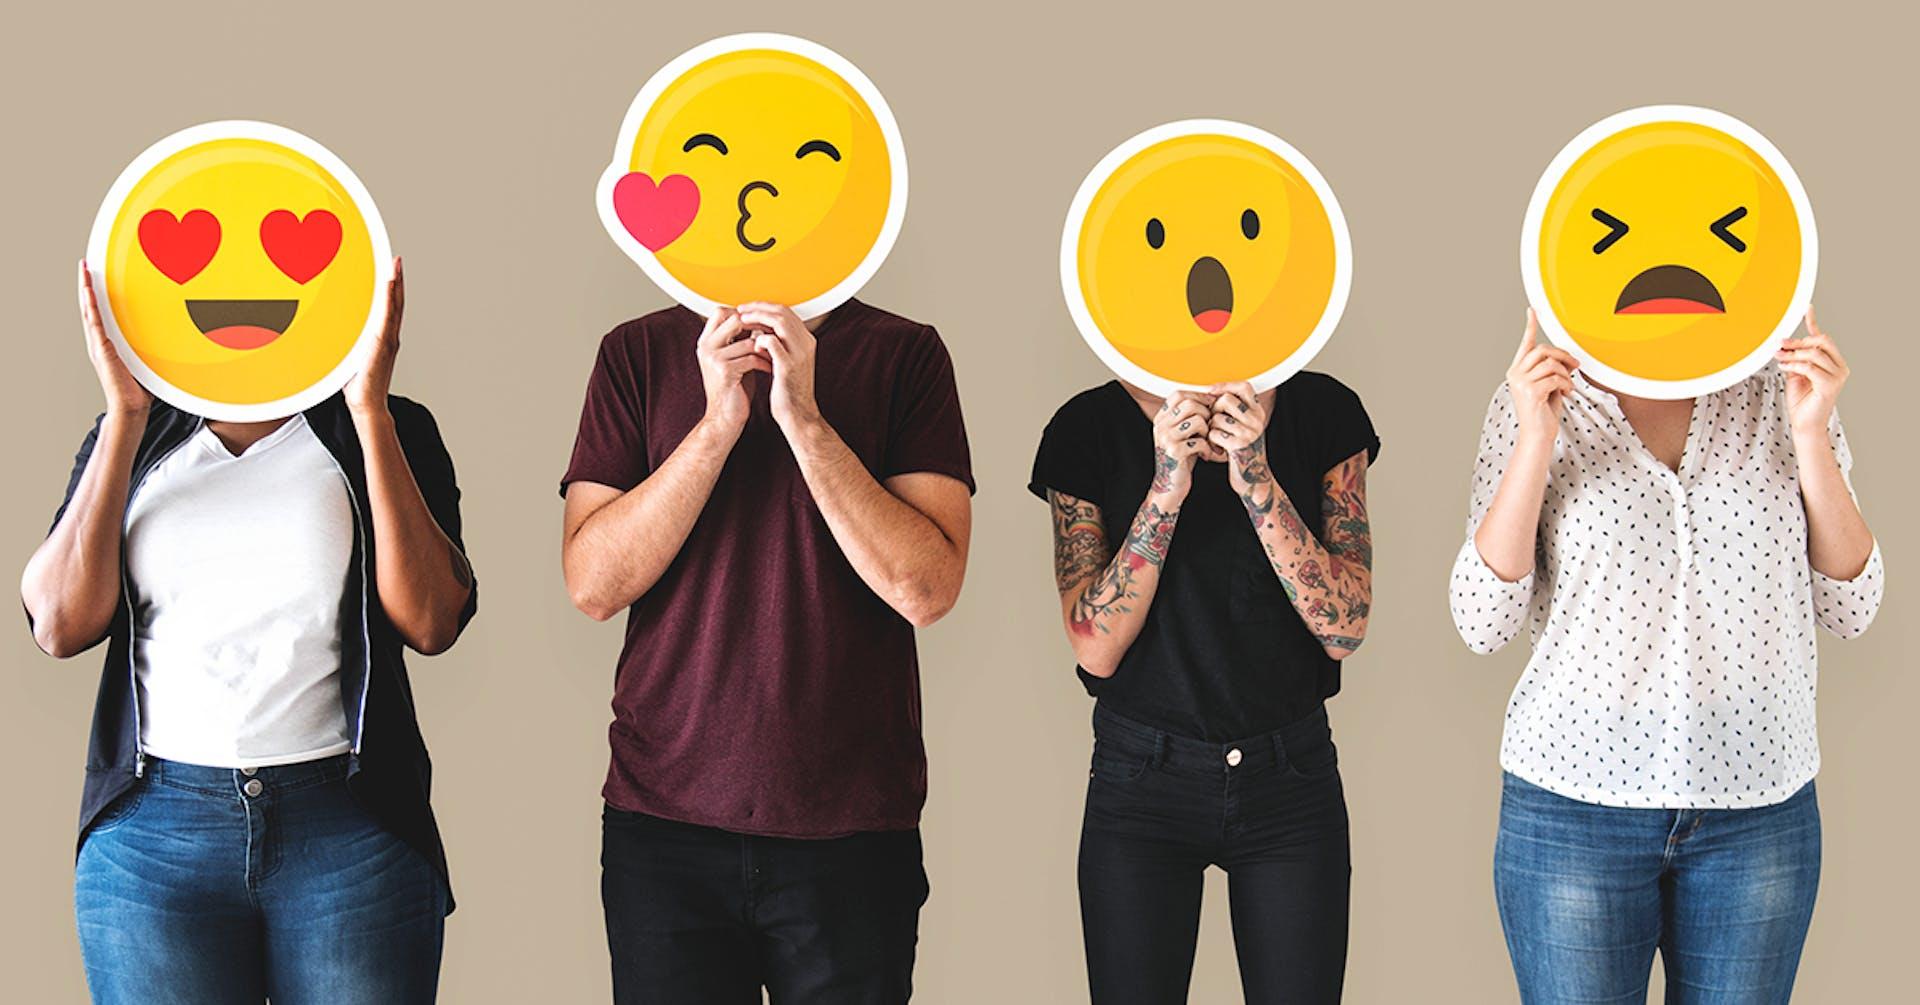 Marketing emocional: llega al corazón de tus clientes